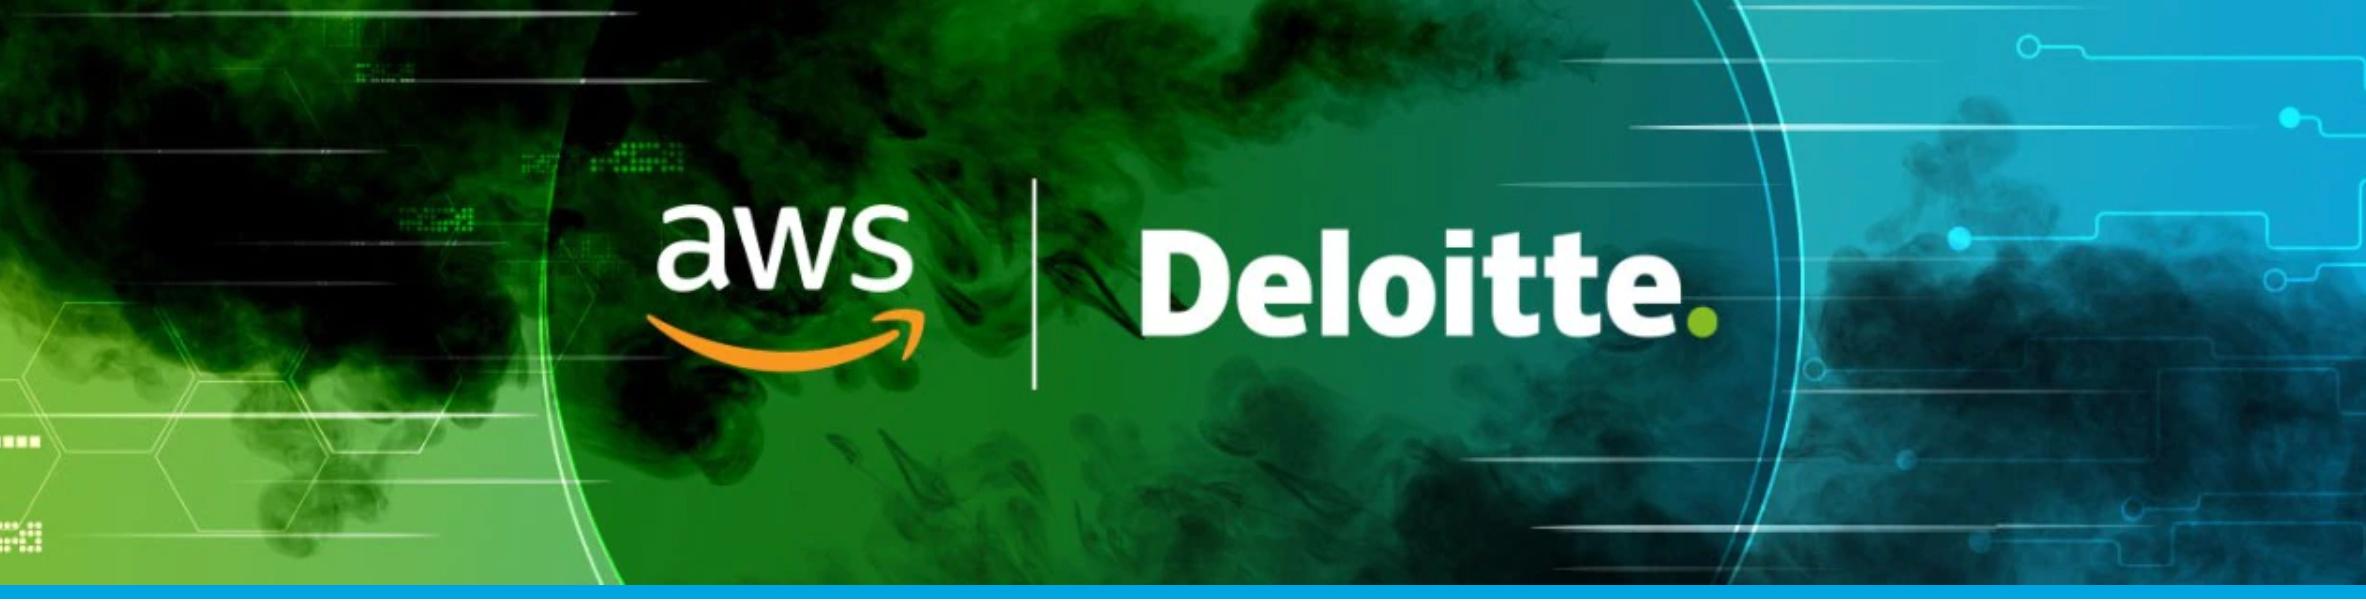 __AWS_Deloitte